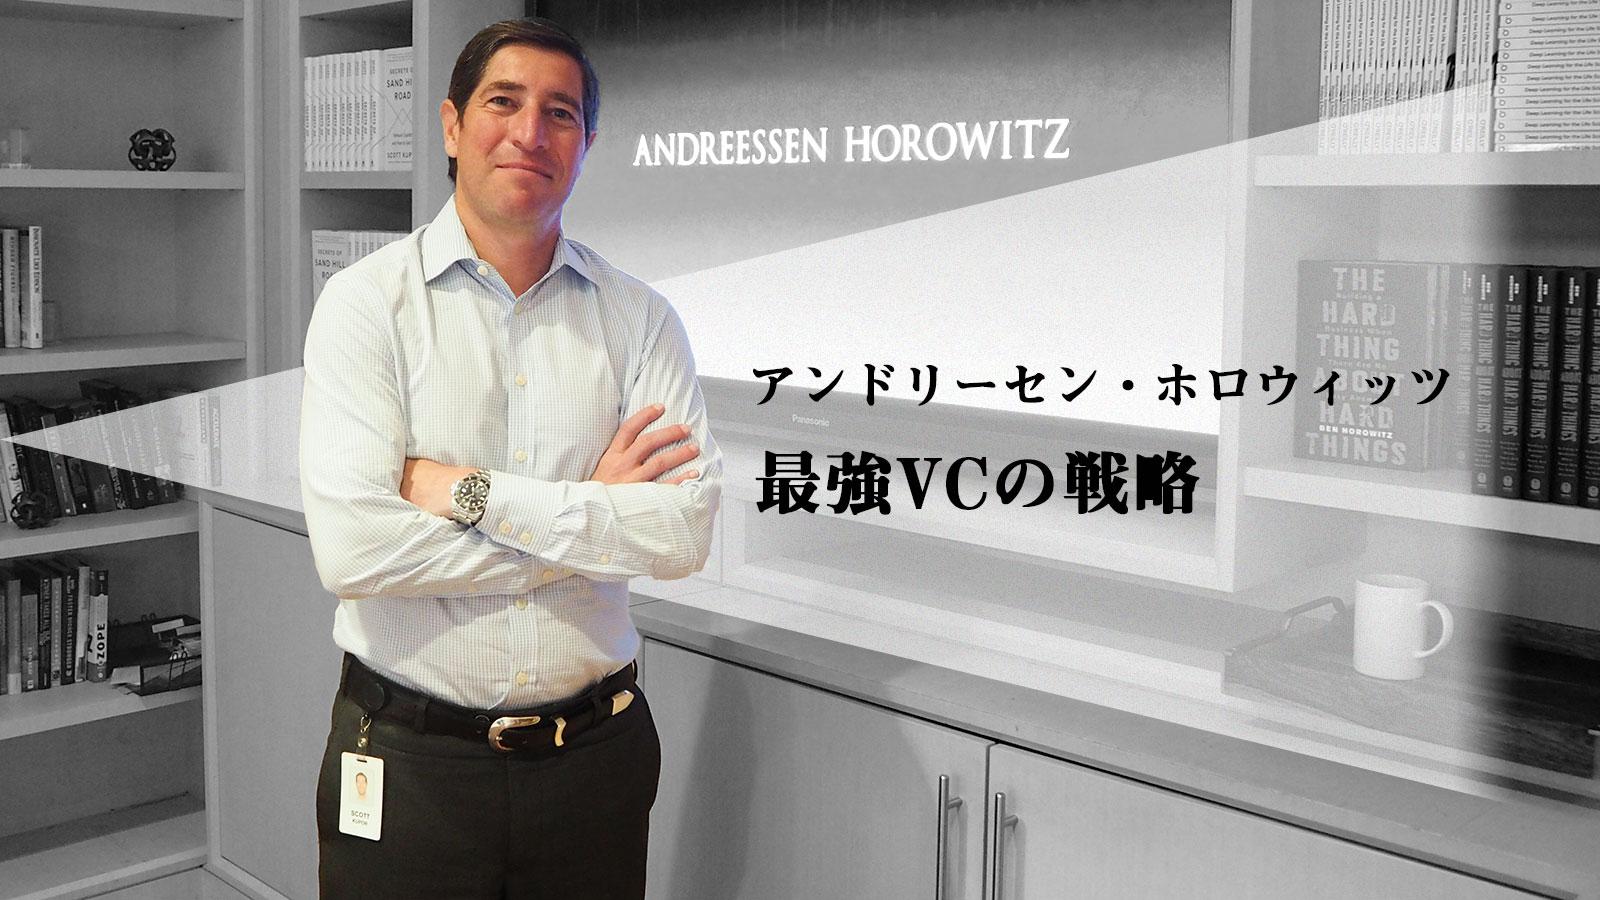 """世界最強のVCはなぜ""""異端""""なのか。アンドリーセン・ホロウィッツの投資哲学と戦略を聞く。"""